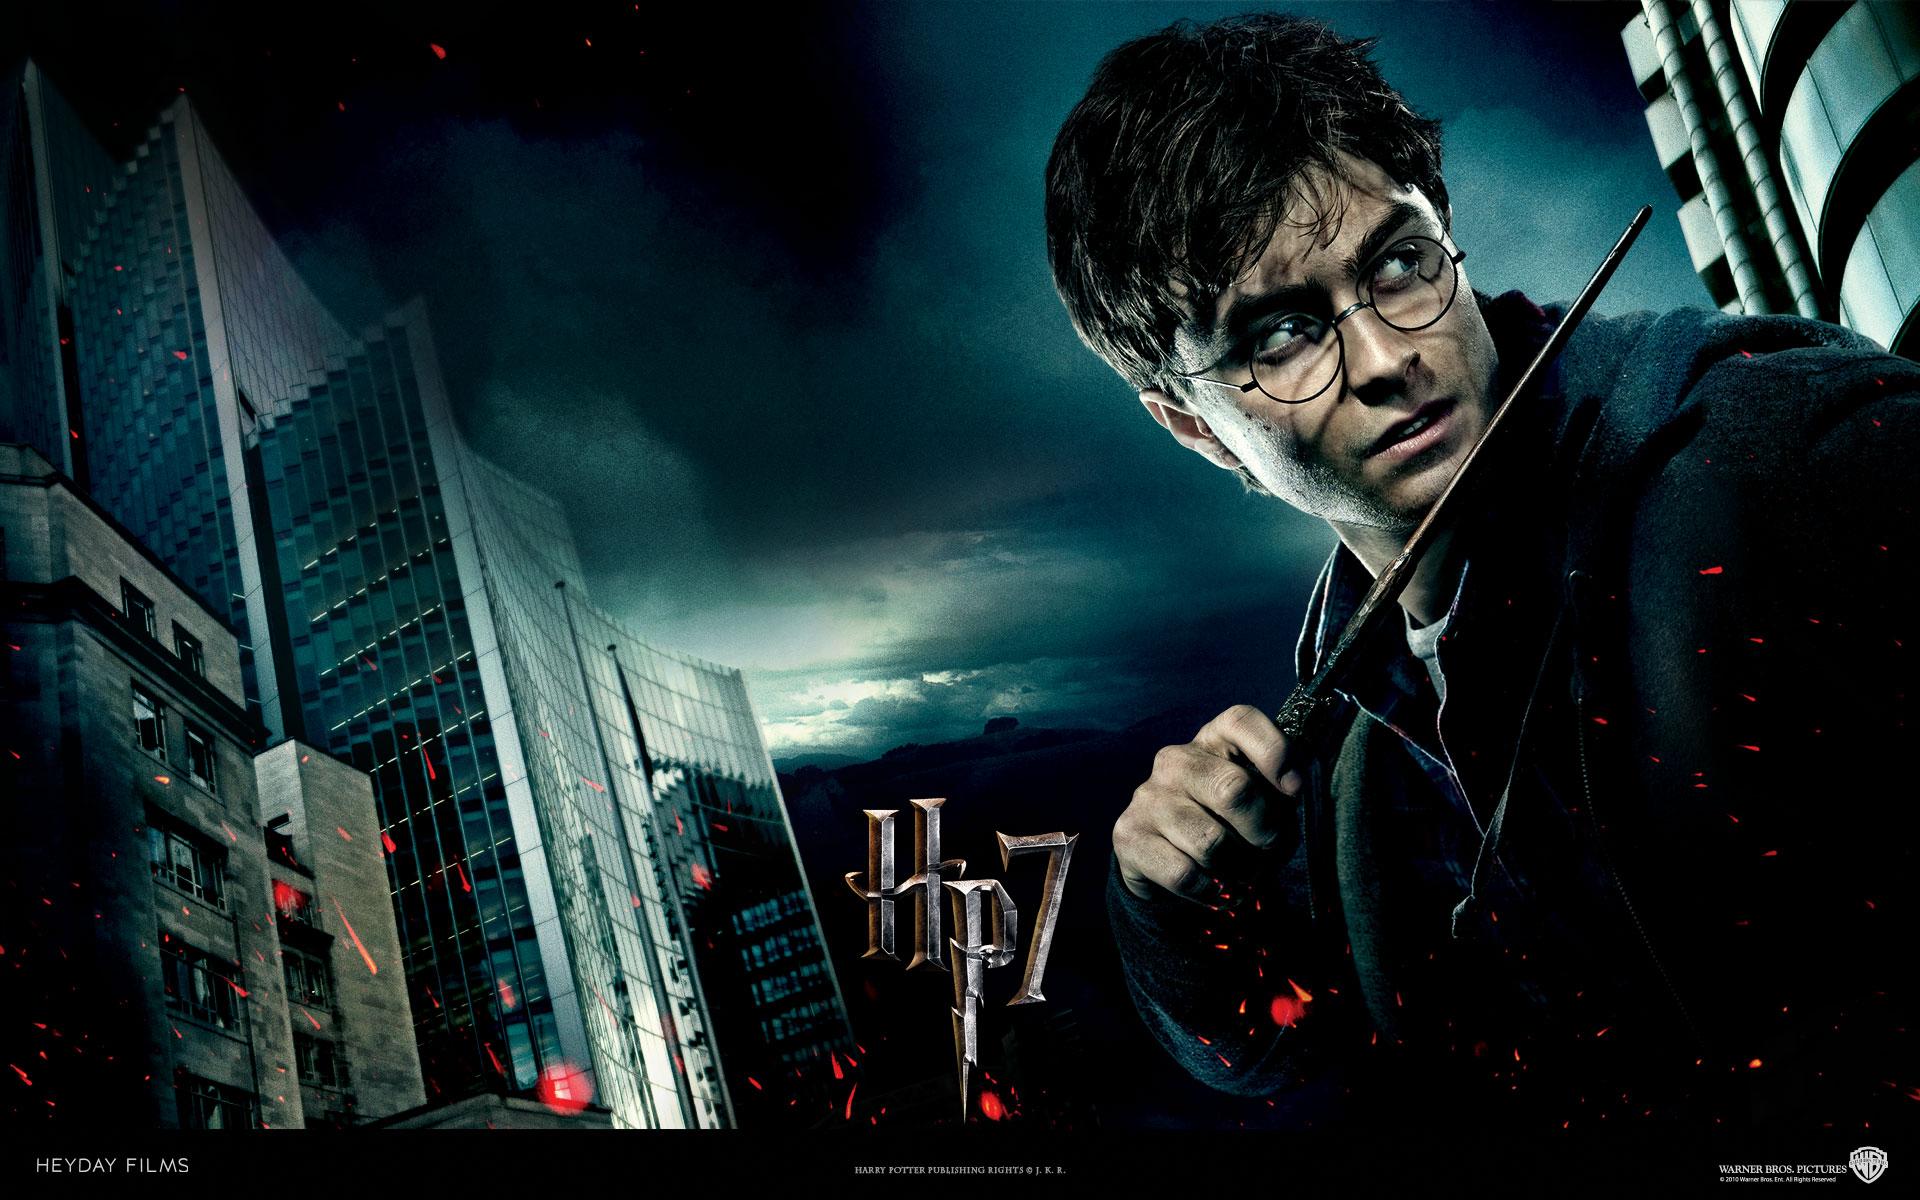 Harry Potter revienta las taquillas: en España gana 5,8 millones de ...